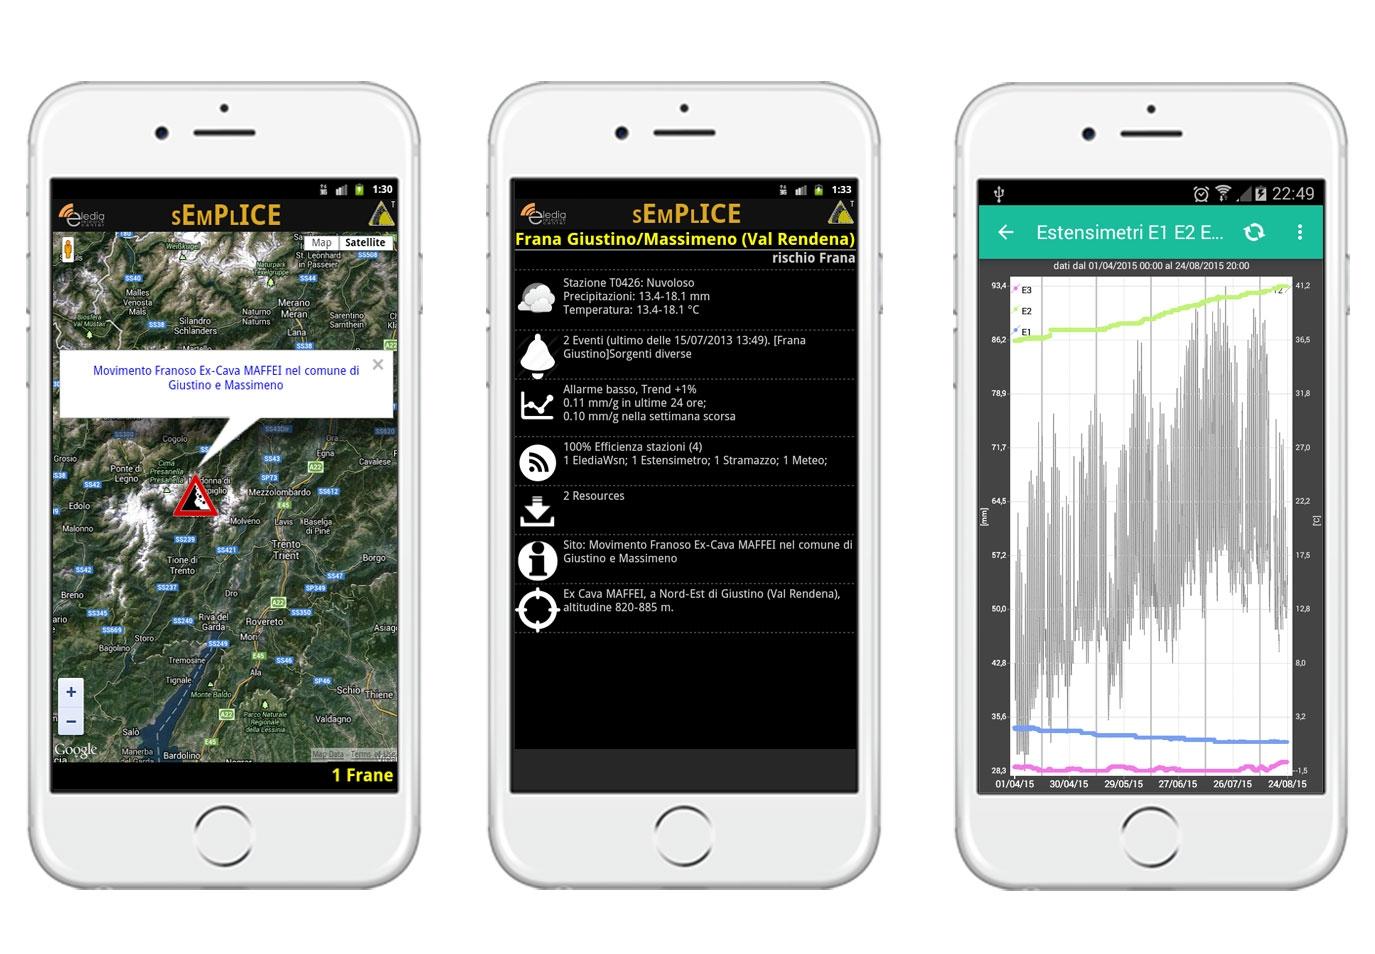 Fig. 2. SEMPLICE – Applicativo per la gestione dei dati di monitoraggio del territorio.